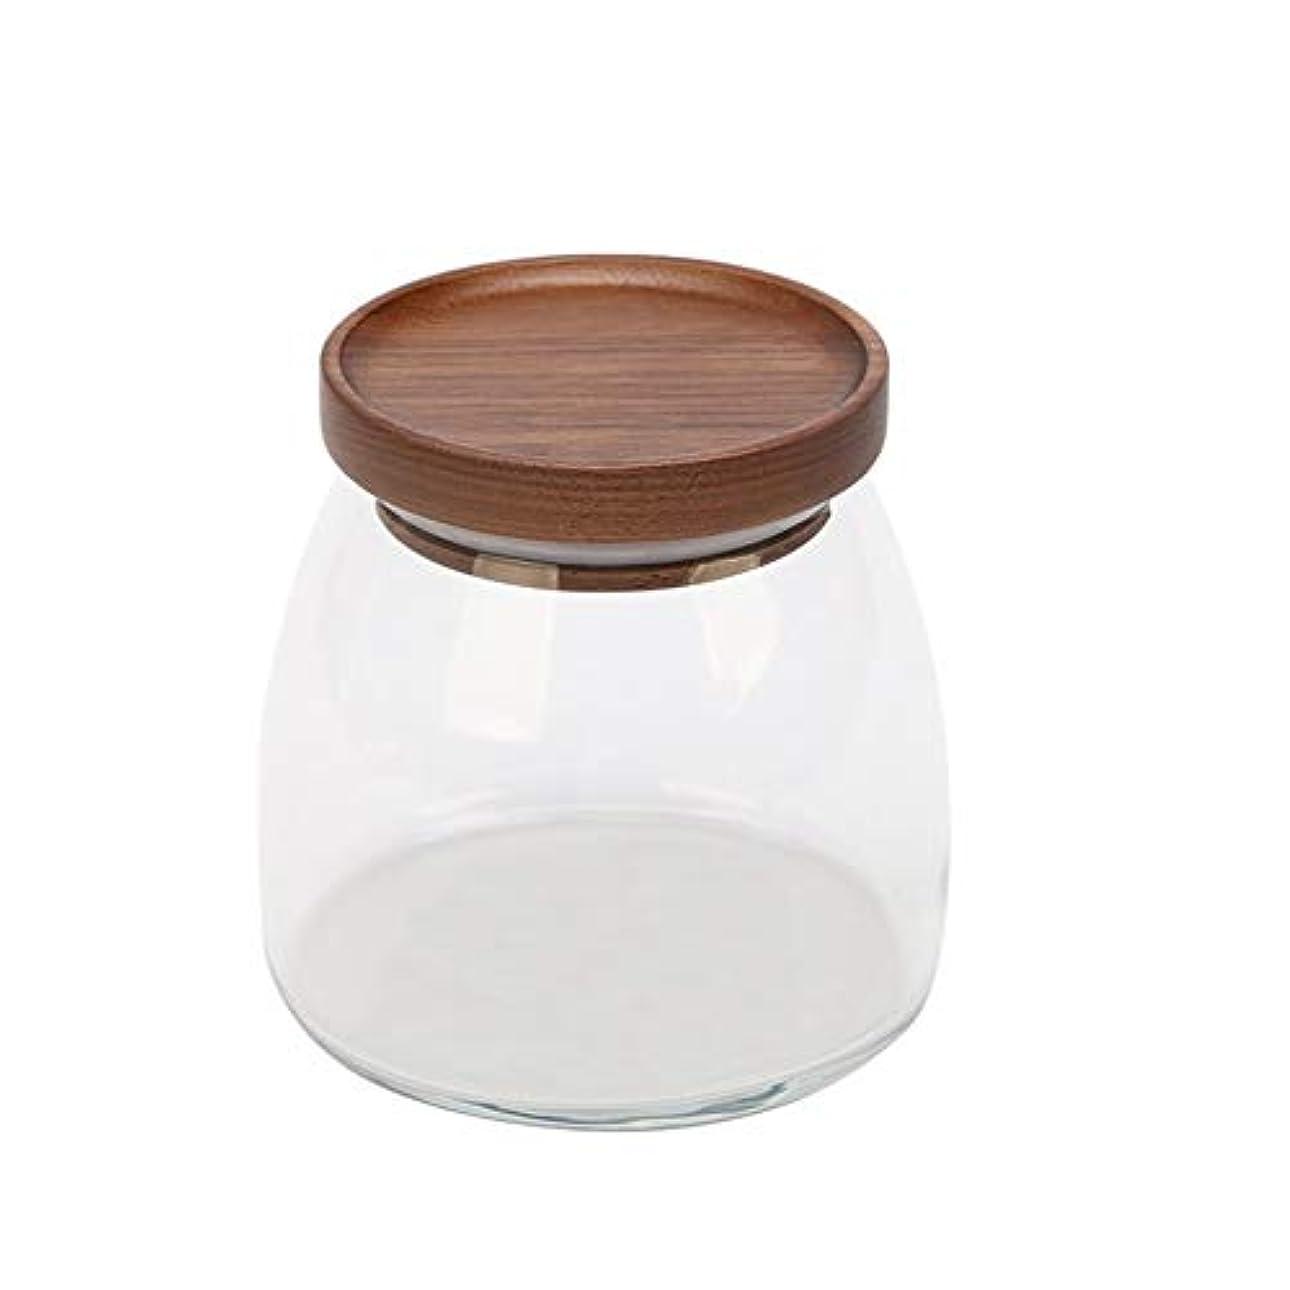 ダブル発送空洞貯蔵タンク、透明ガラス貯蔵タンク、家庭用食品、茶瓶